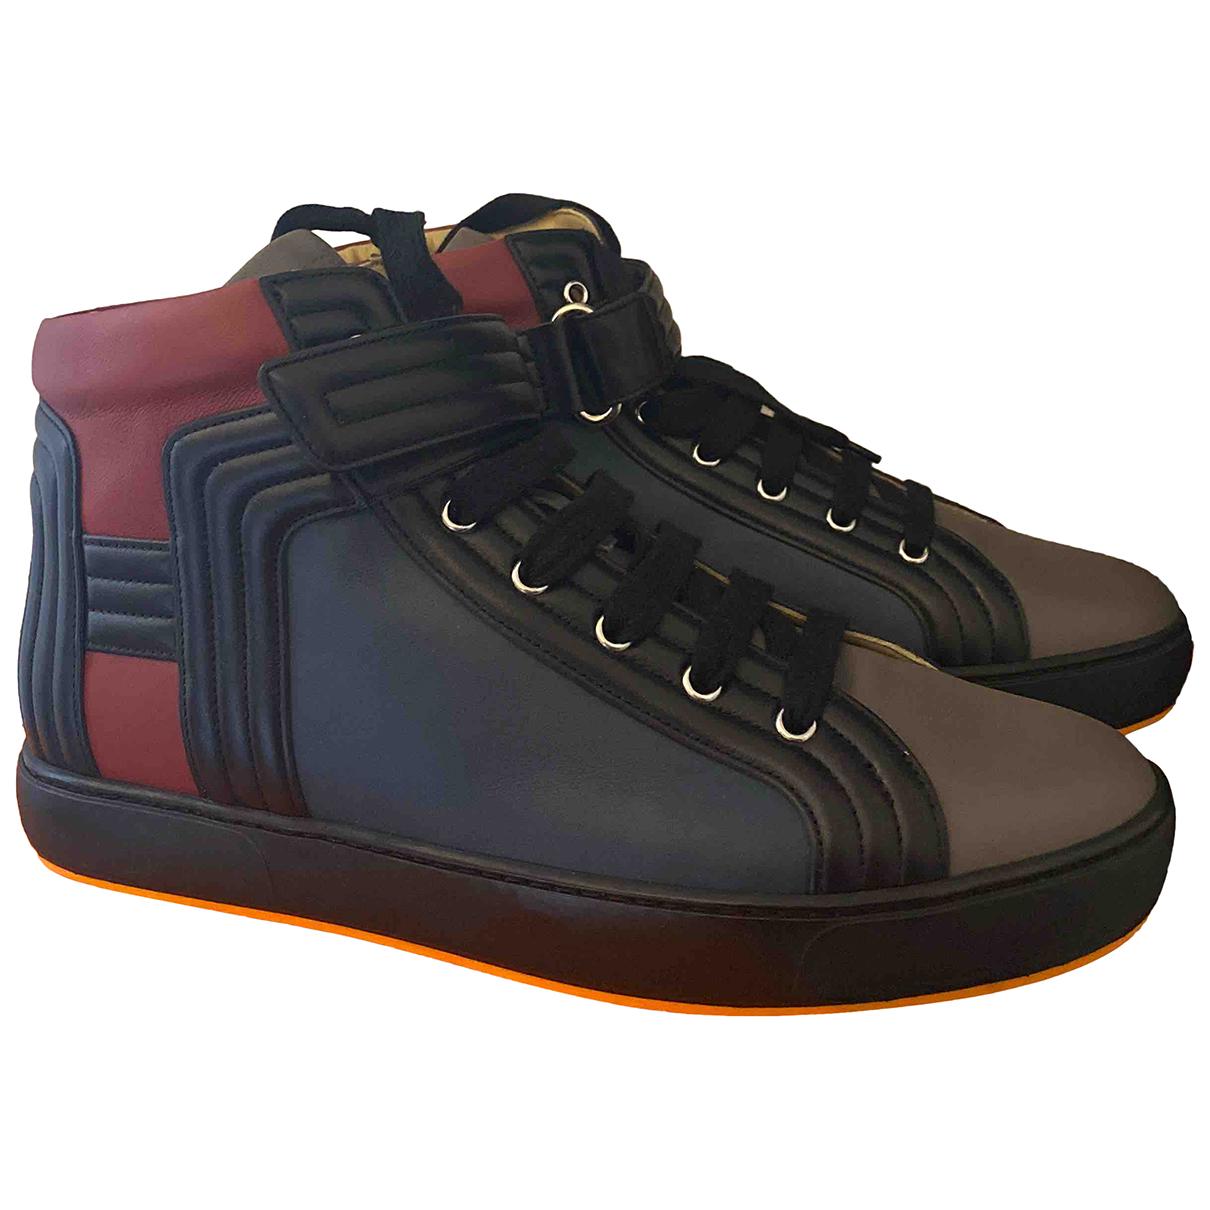 Hermes - Baskets   pour homme en cuir - multicolore